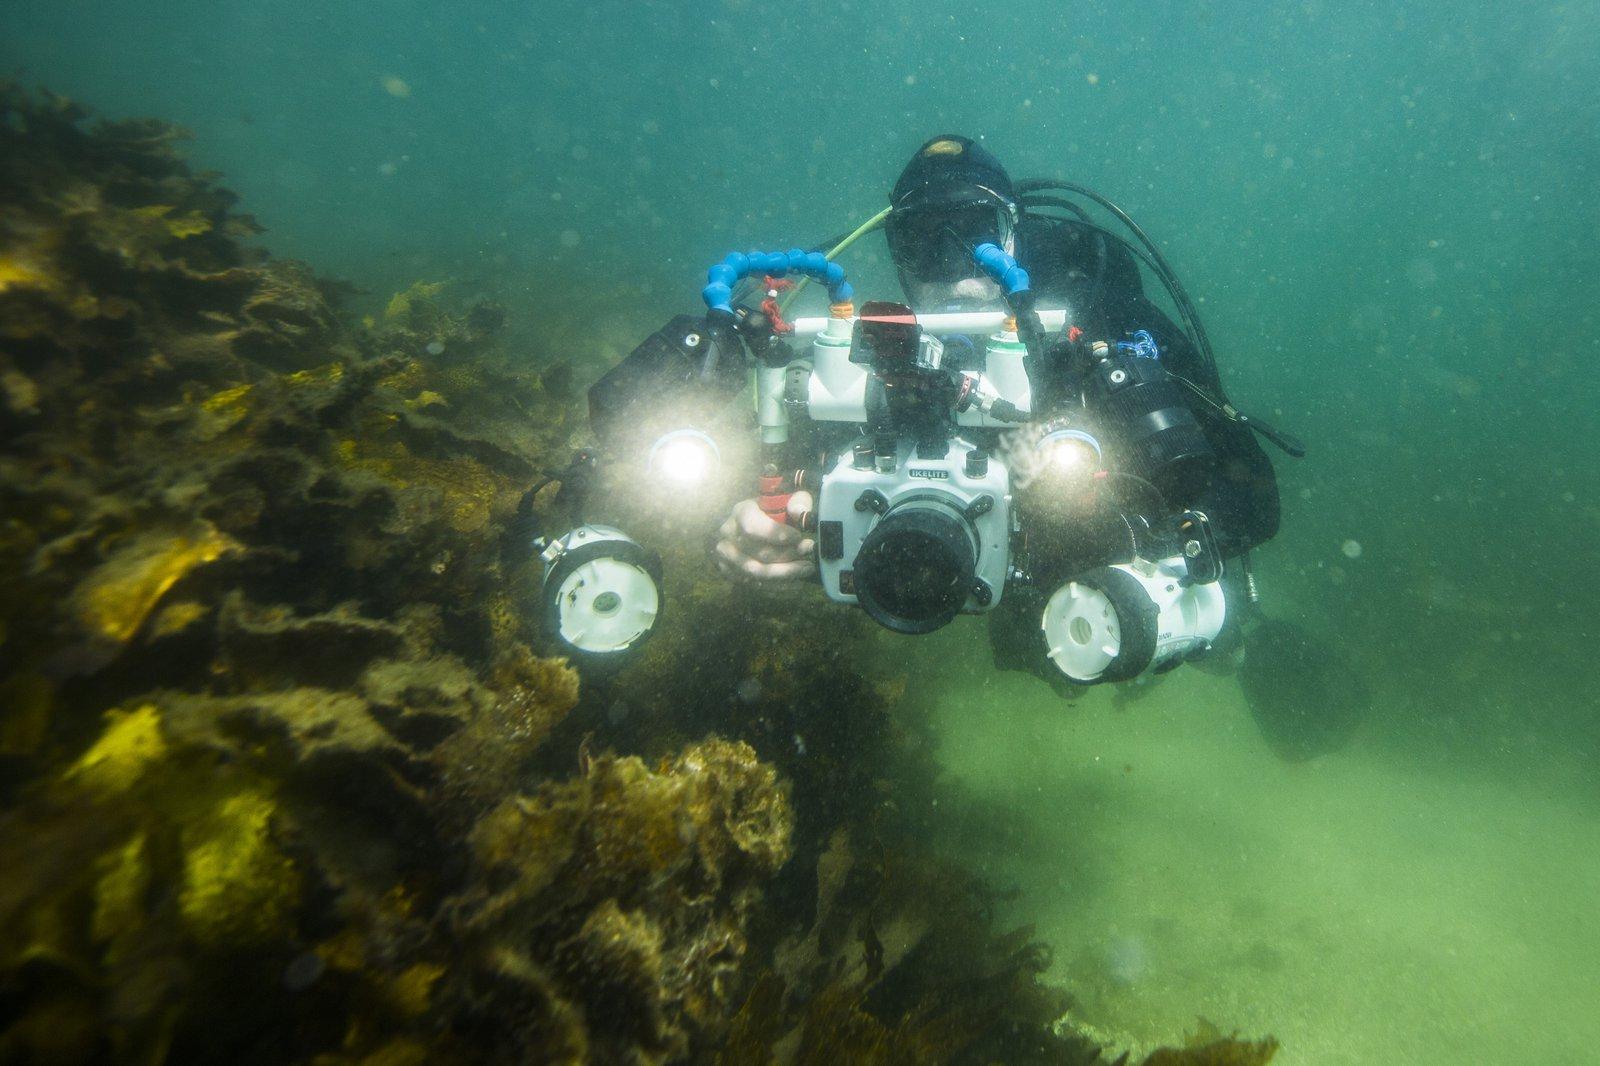 Andrew Trevor-Jones, citizen scientist for Australasian Fishes